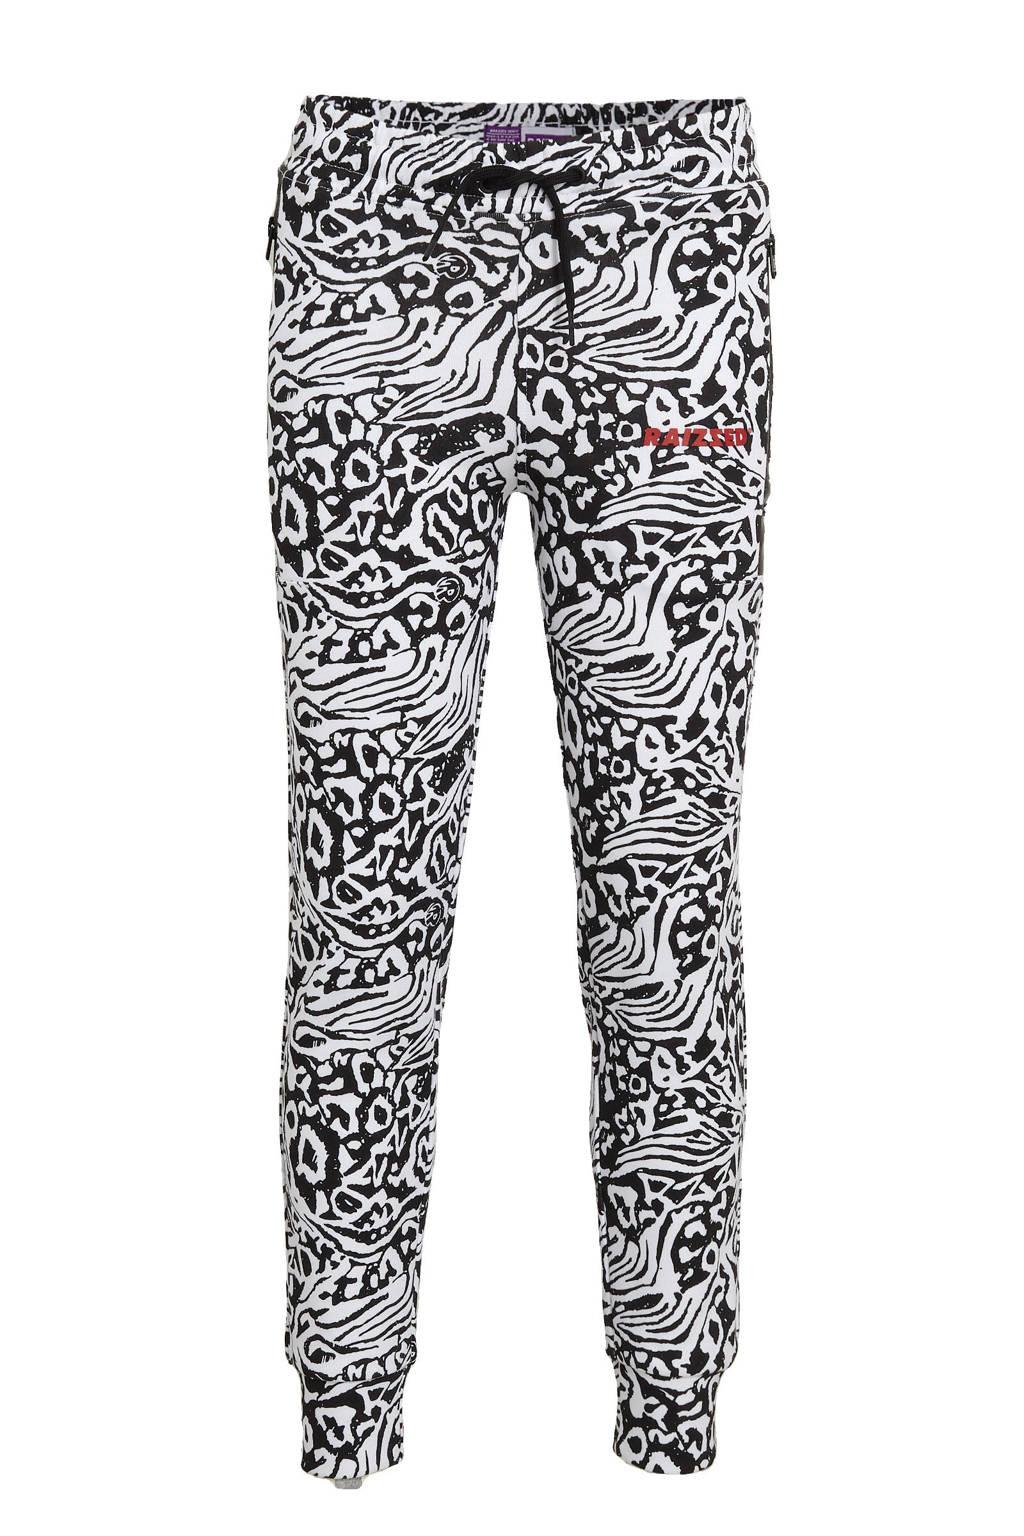 Raizzed tapered fit joggingbroek Lille met all over print zwart/wit, Zwart/wit